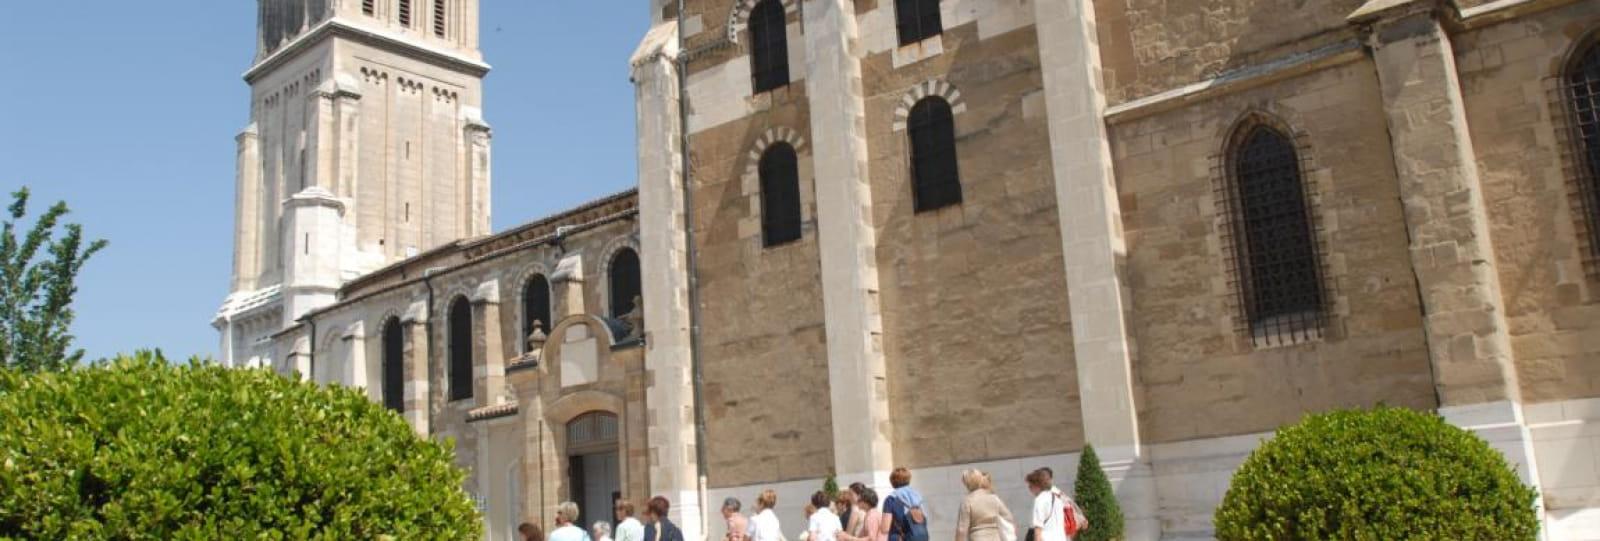 La Cathédrale Saint Apollinaire